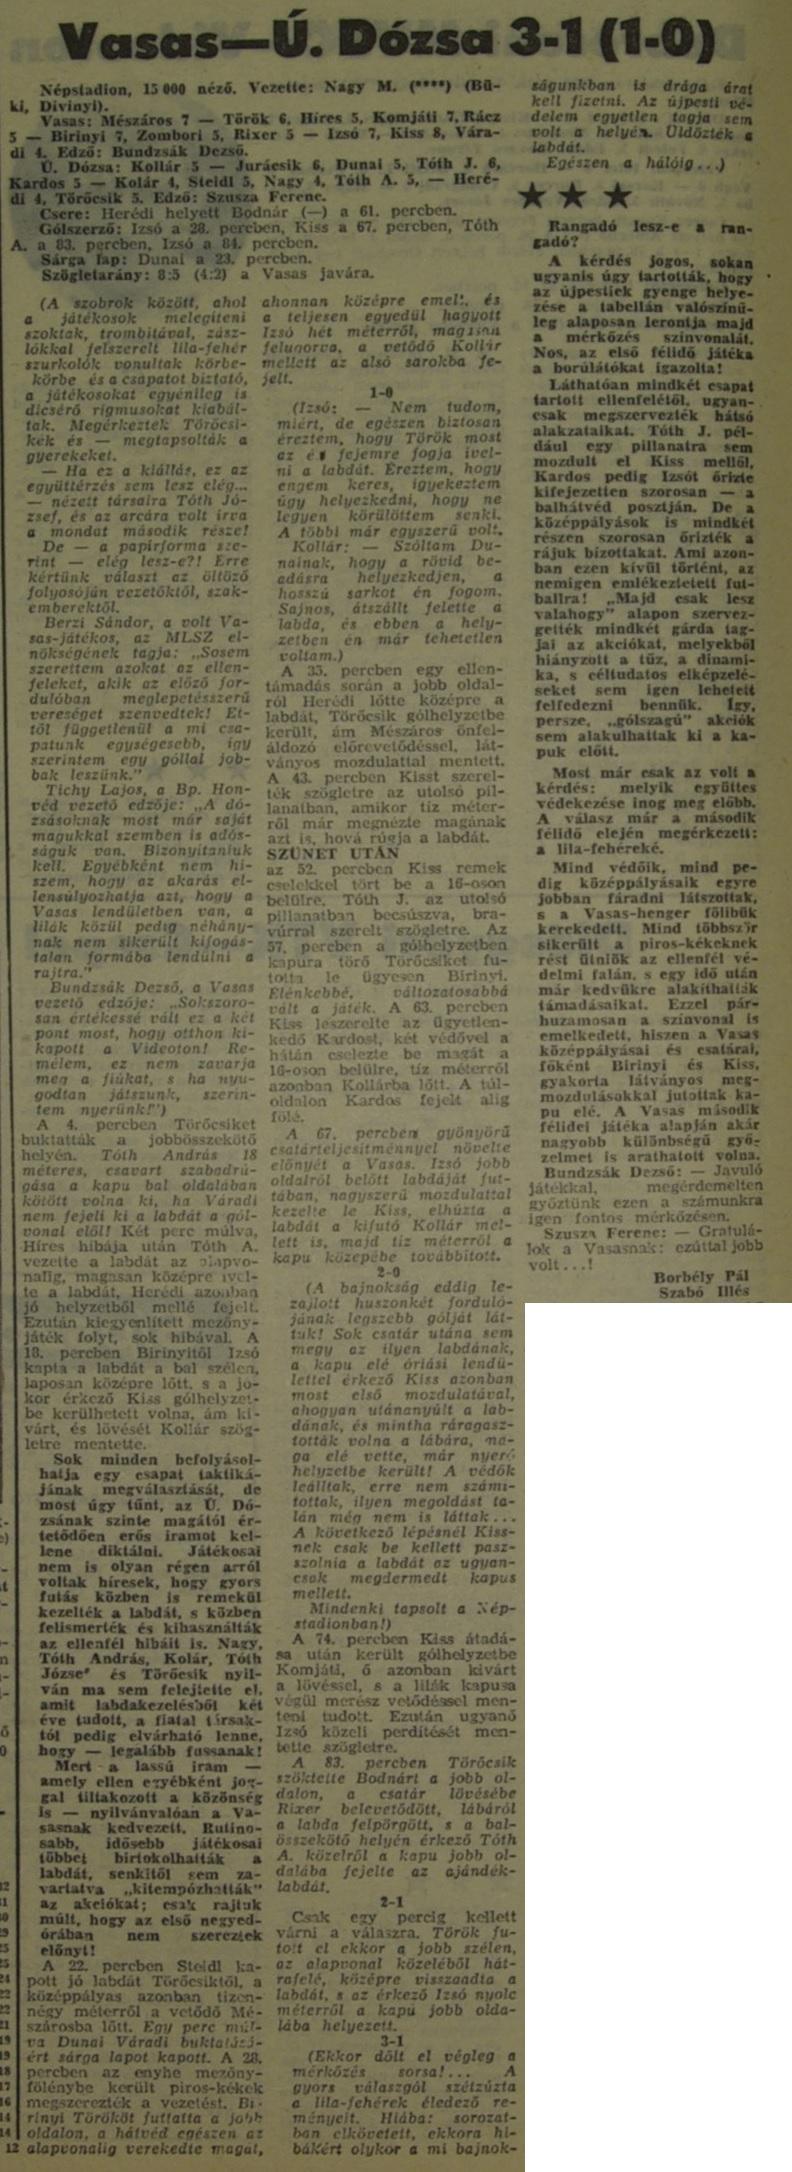 idokapszula_nb_i_1980_81_22_fordulo_u_dozsa_vasas.jpg